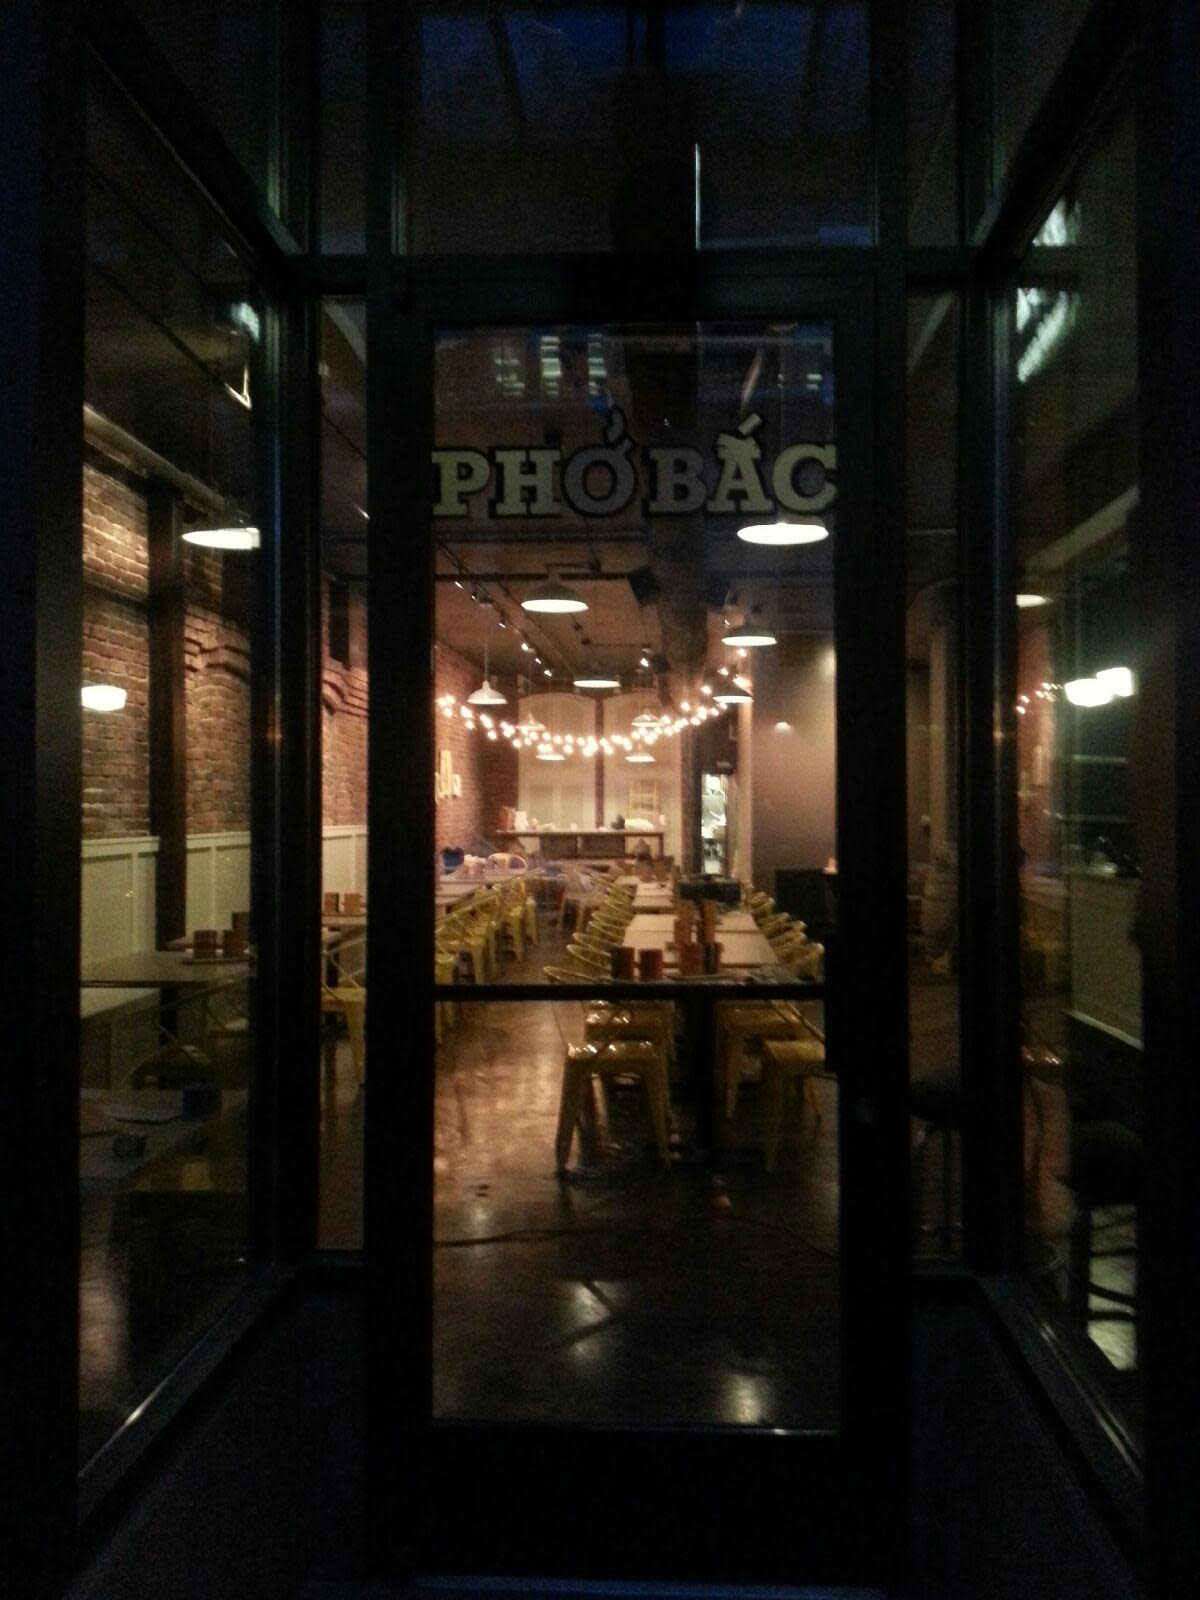 Seattle pho restaurants / Theaters in muskegon mi